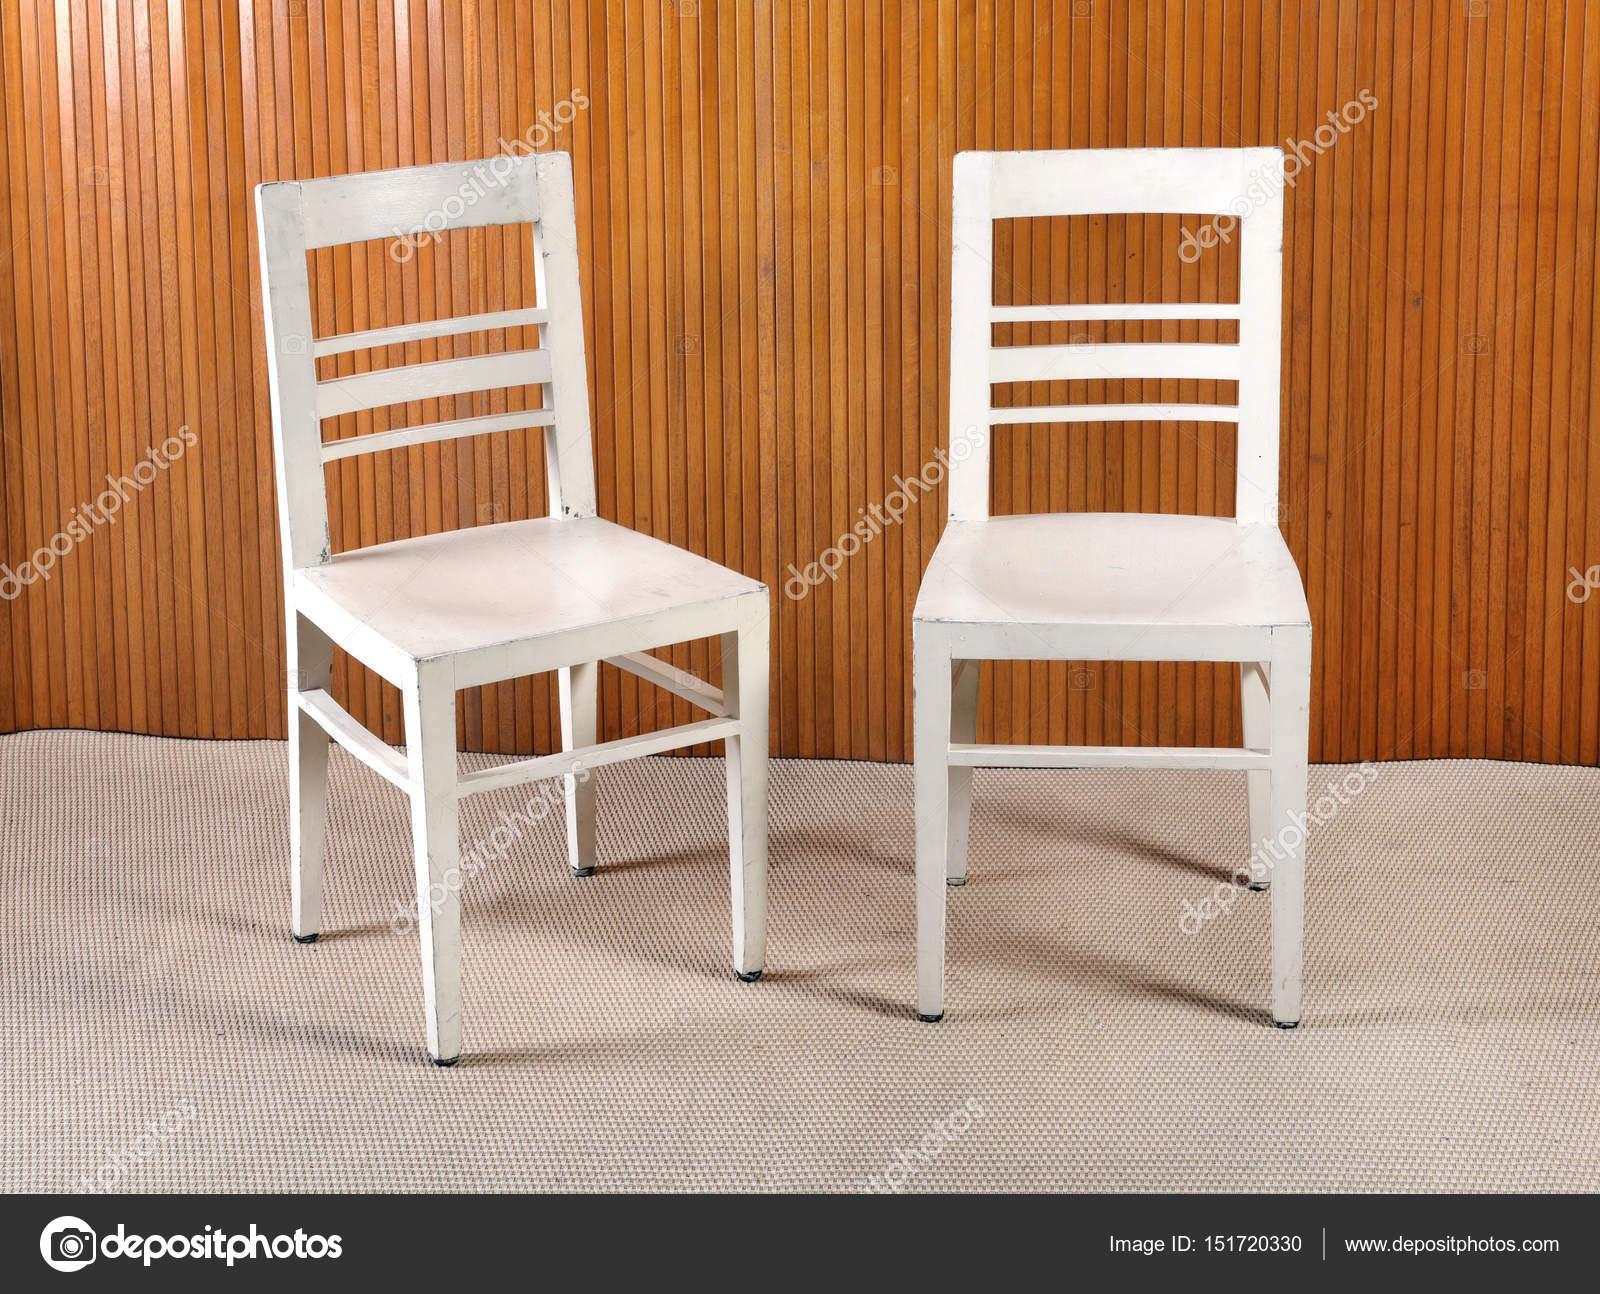 Zwei schlichte weiß gestrichene Küche aus Holz Stühle — Stockfoto ...